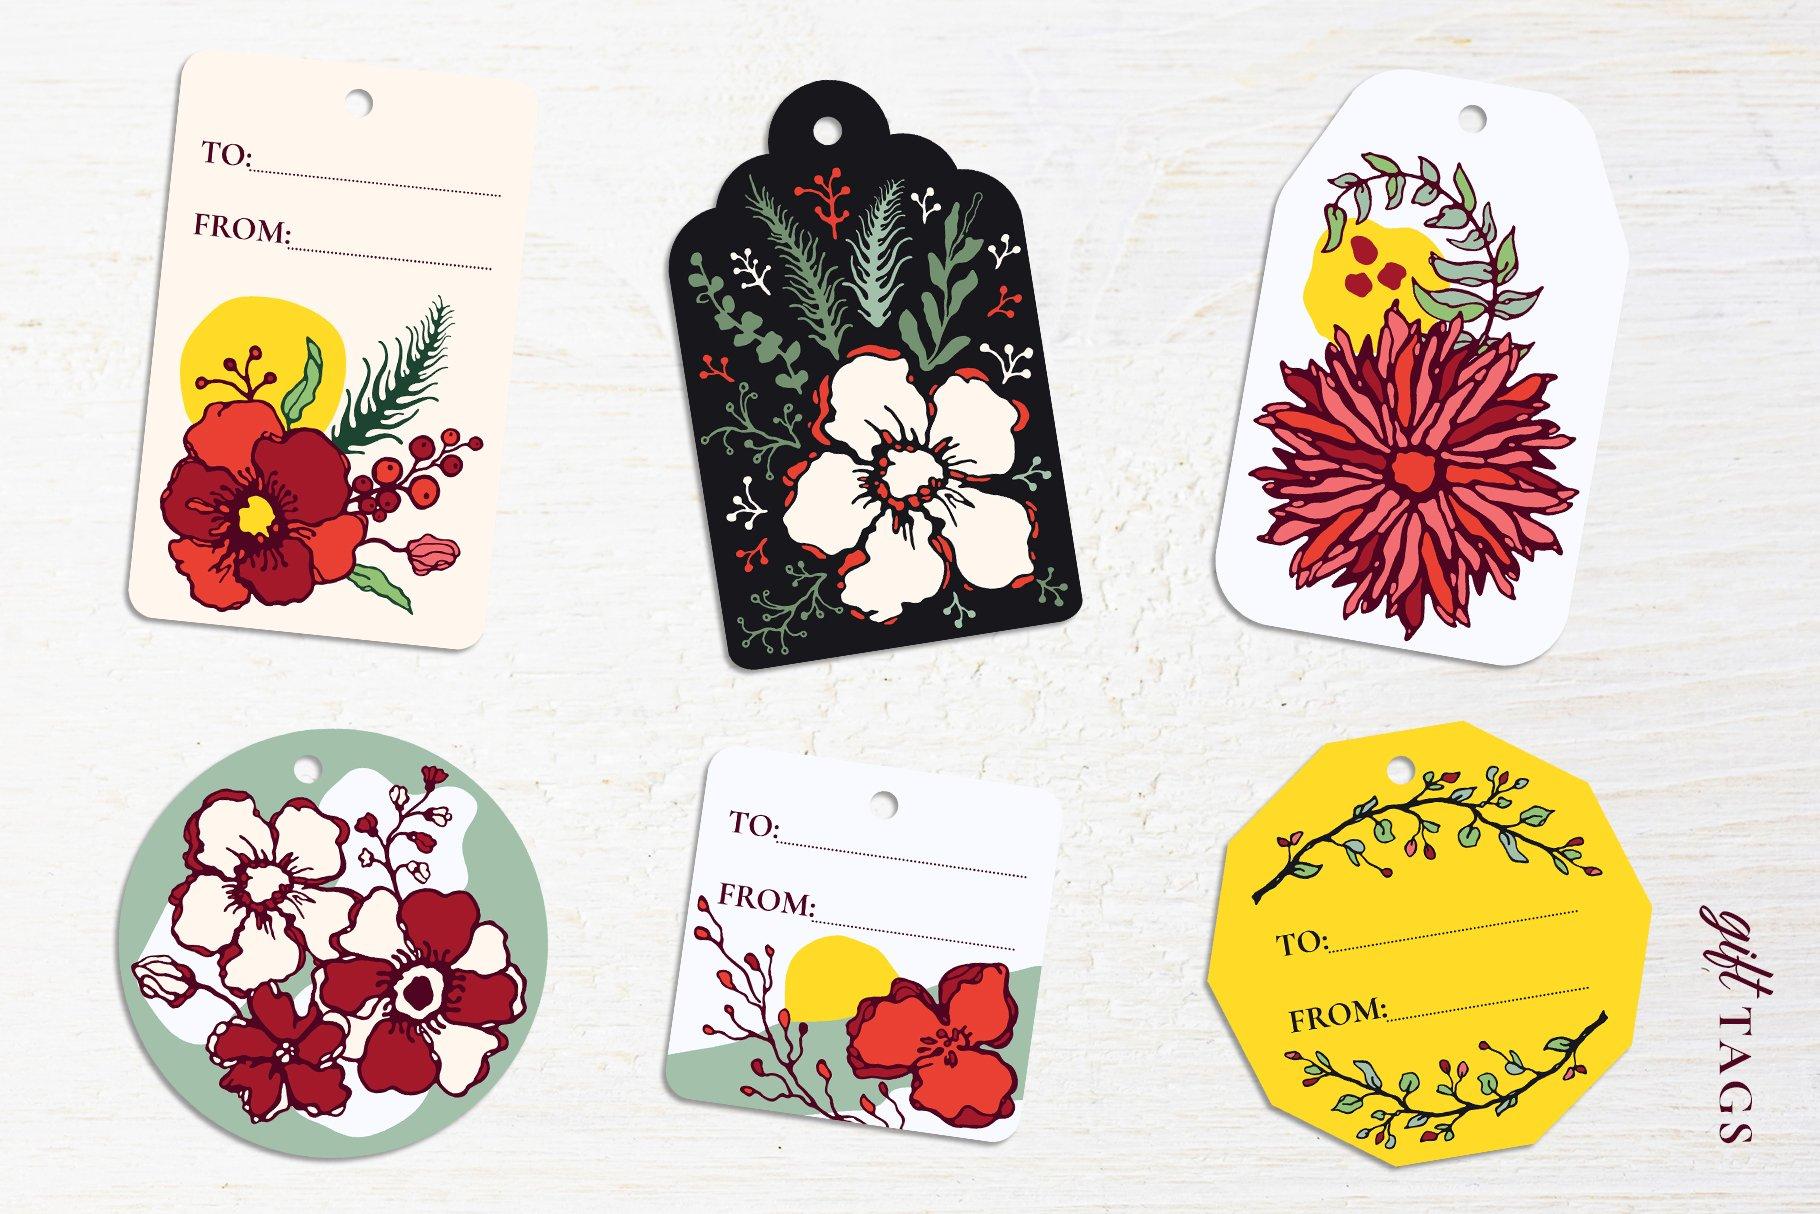 150多款时尚优雅花卉框架抽象形状手绘插画设计素材 Winter Floral Patterns & Elements插图20